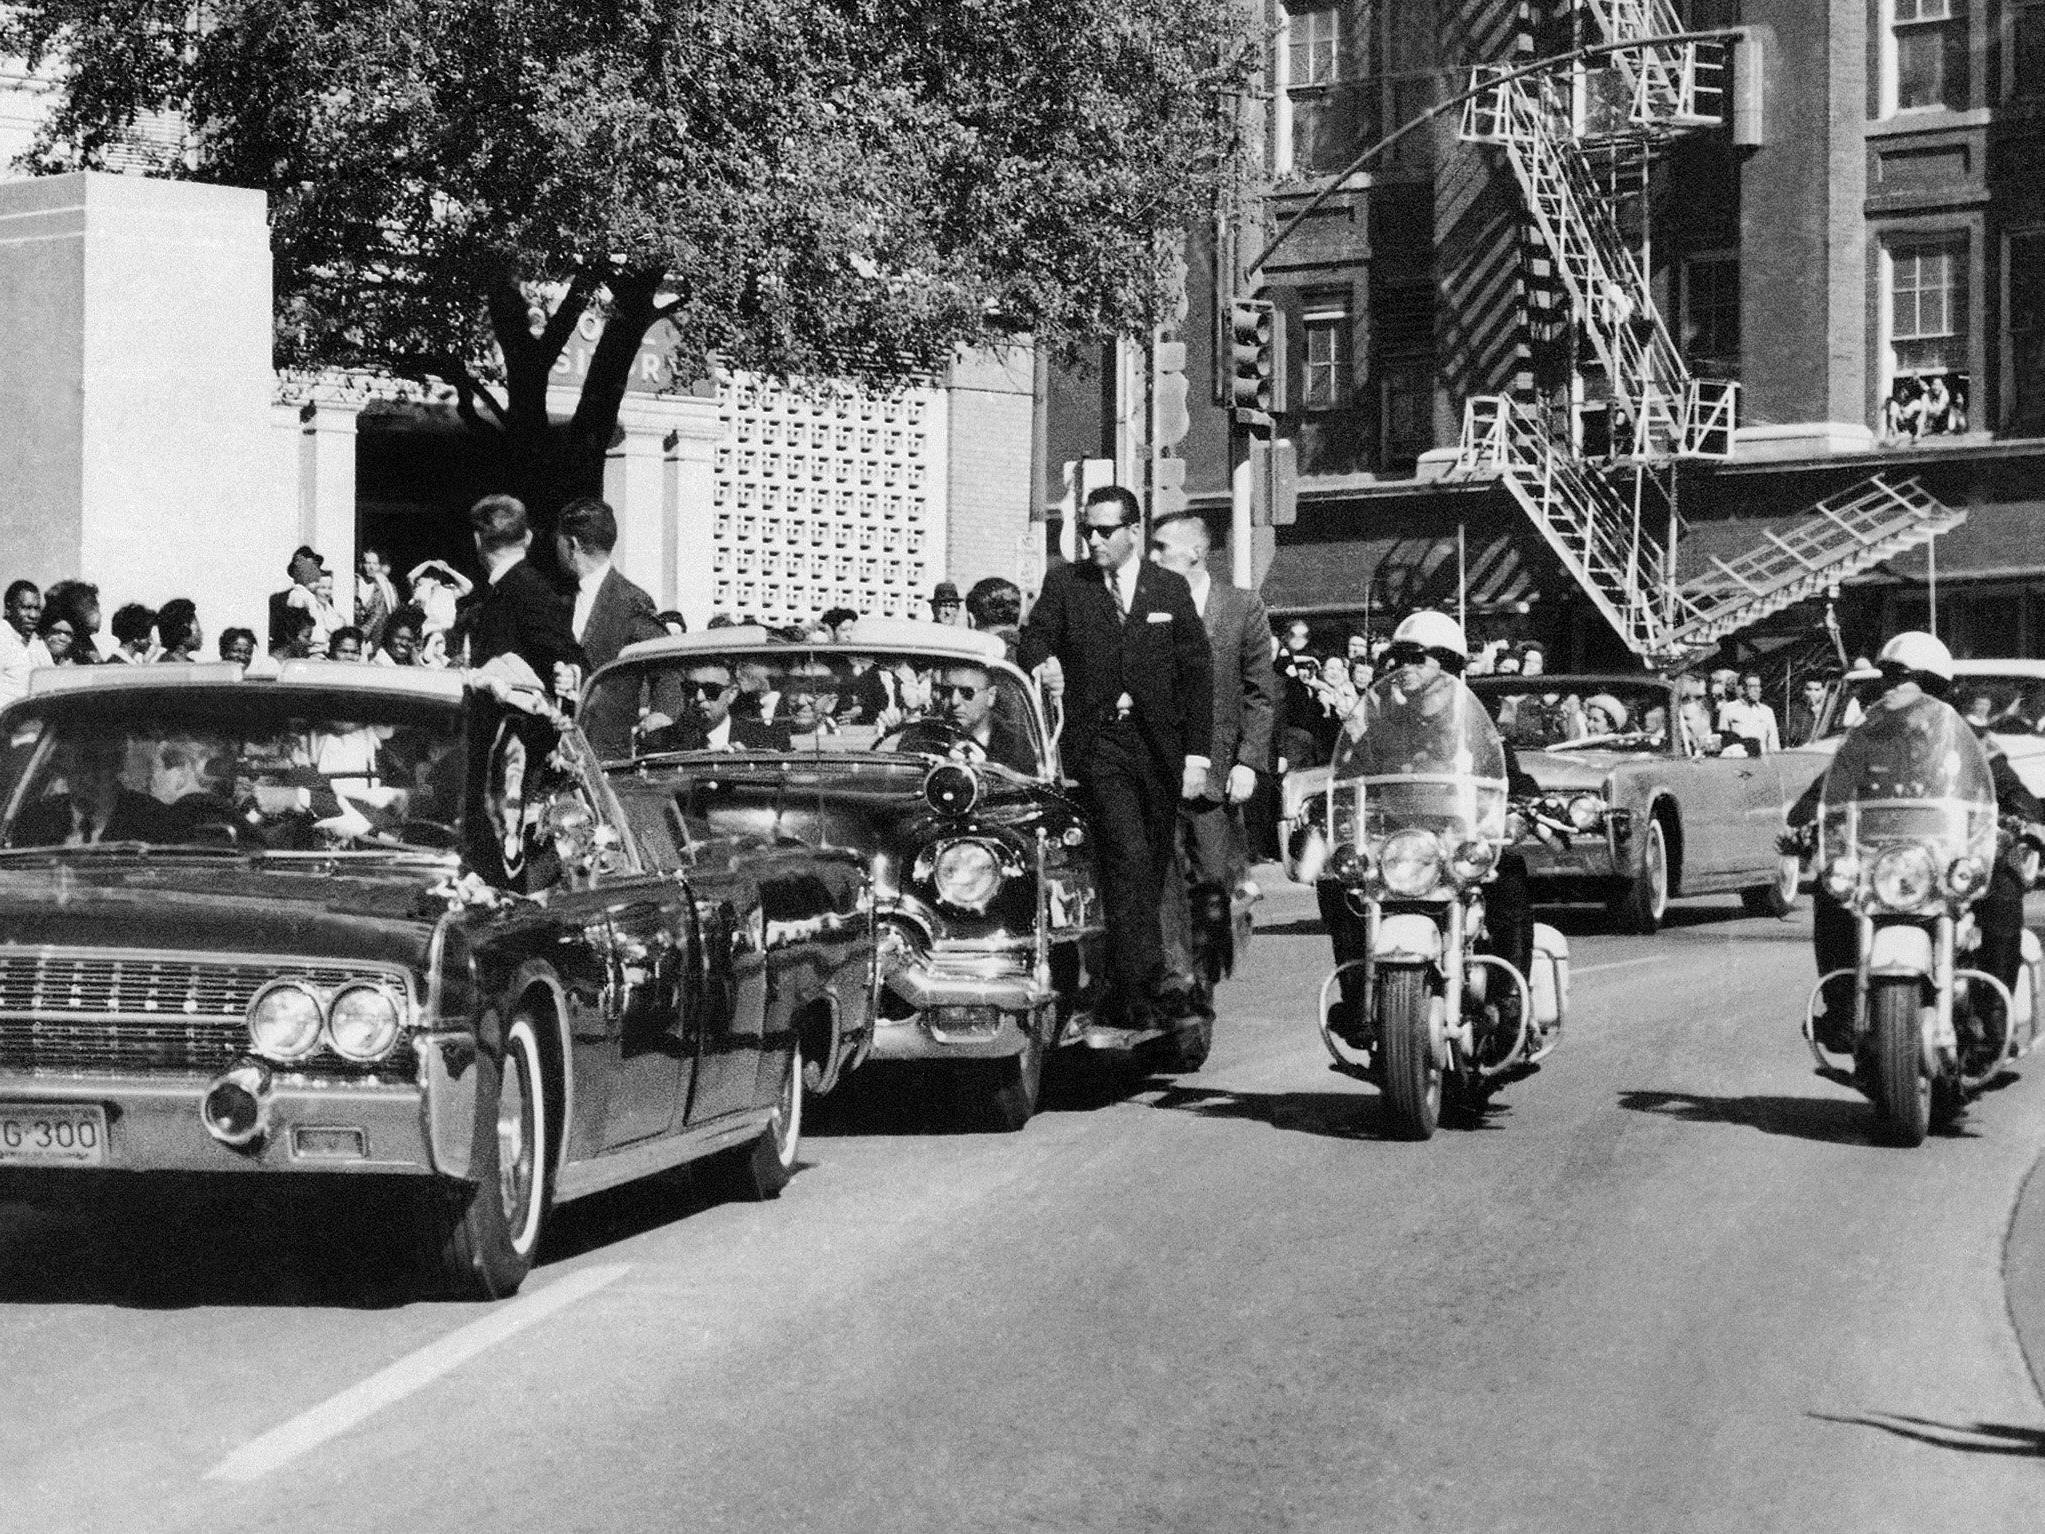 Nellie Connally war bis zuletzt überzeugt, dass drei Schüsse auf die Limousine abgefeuert wurden.